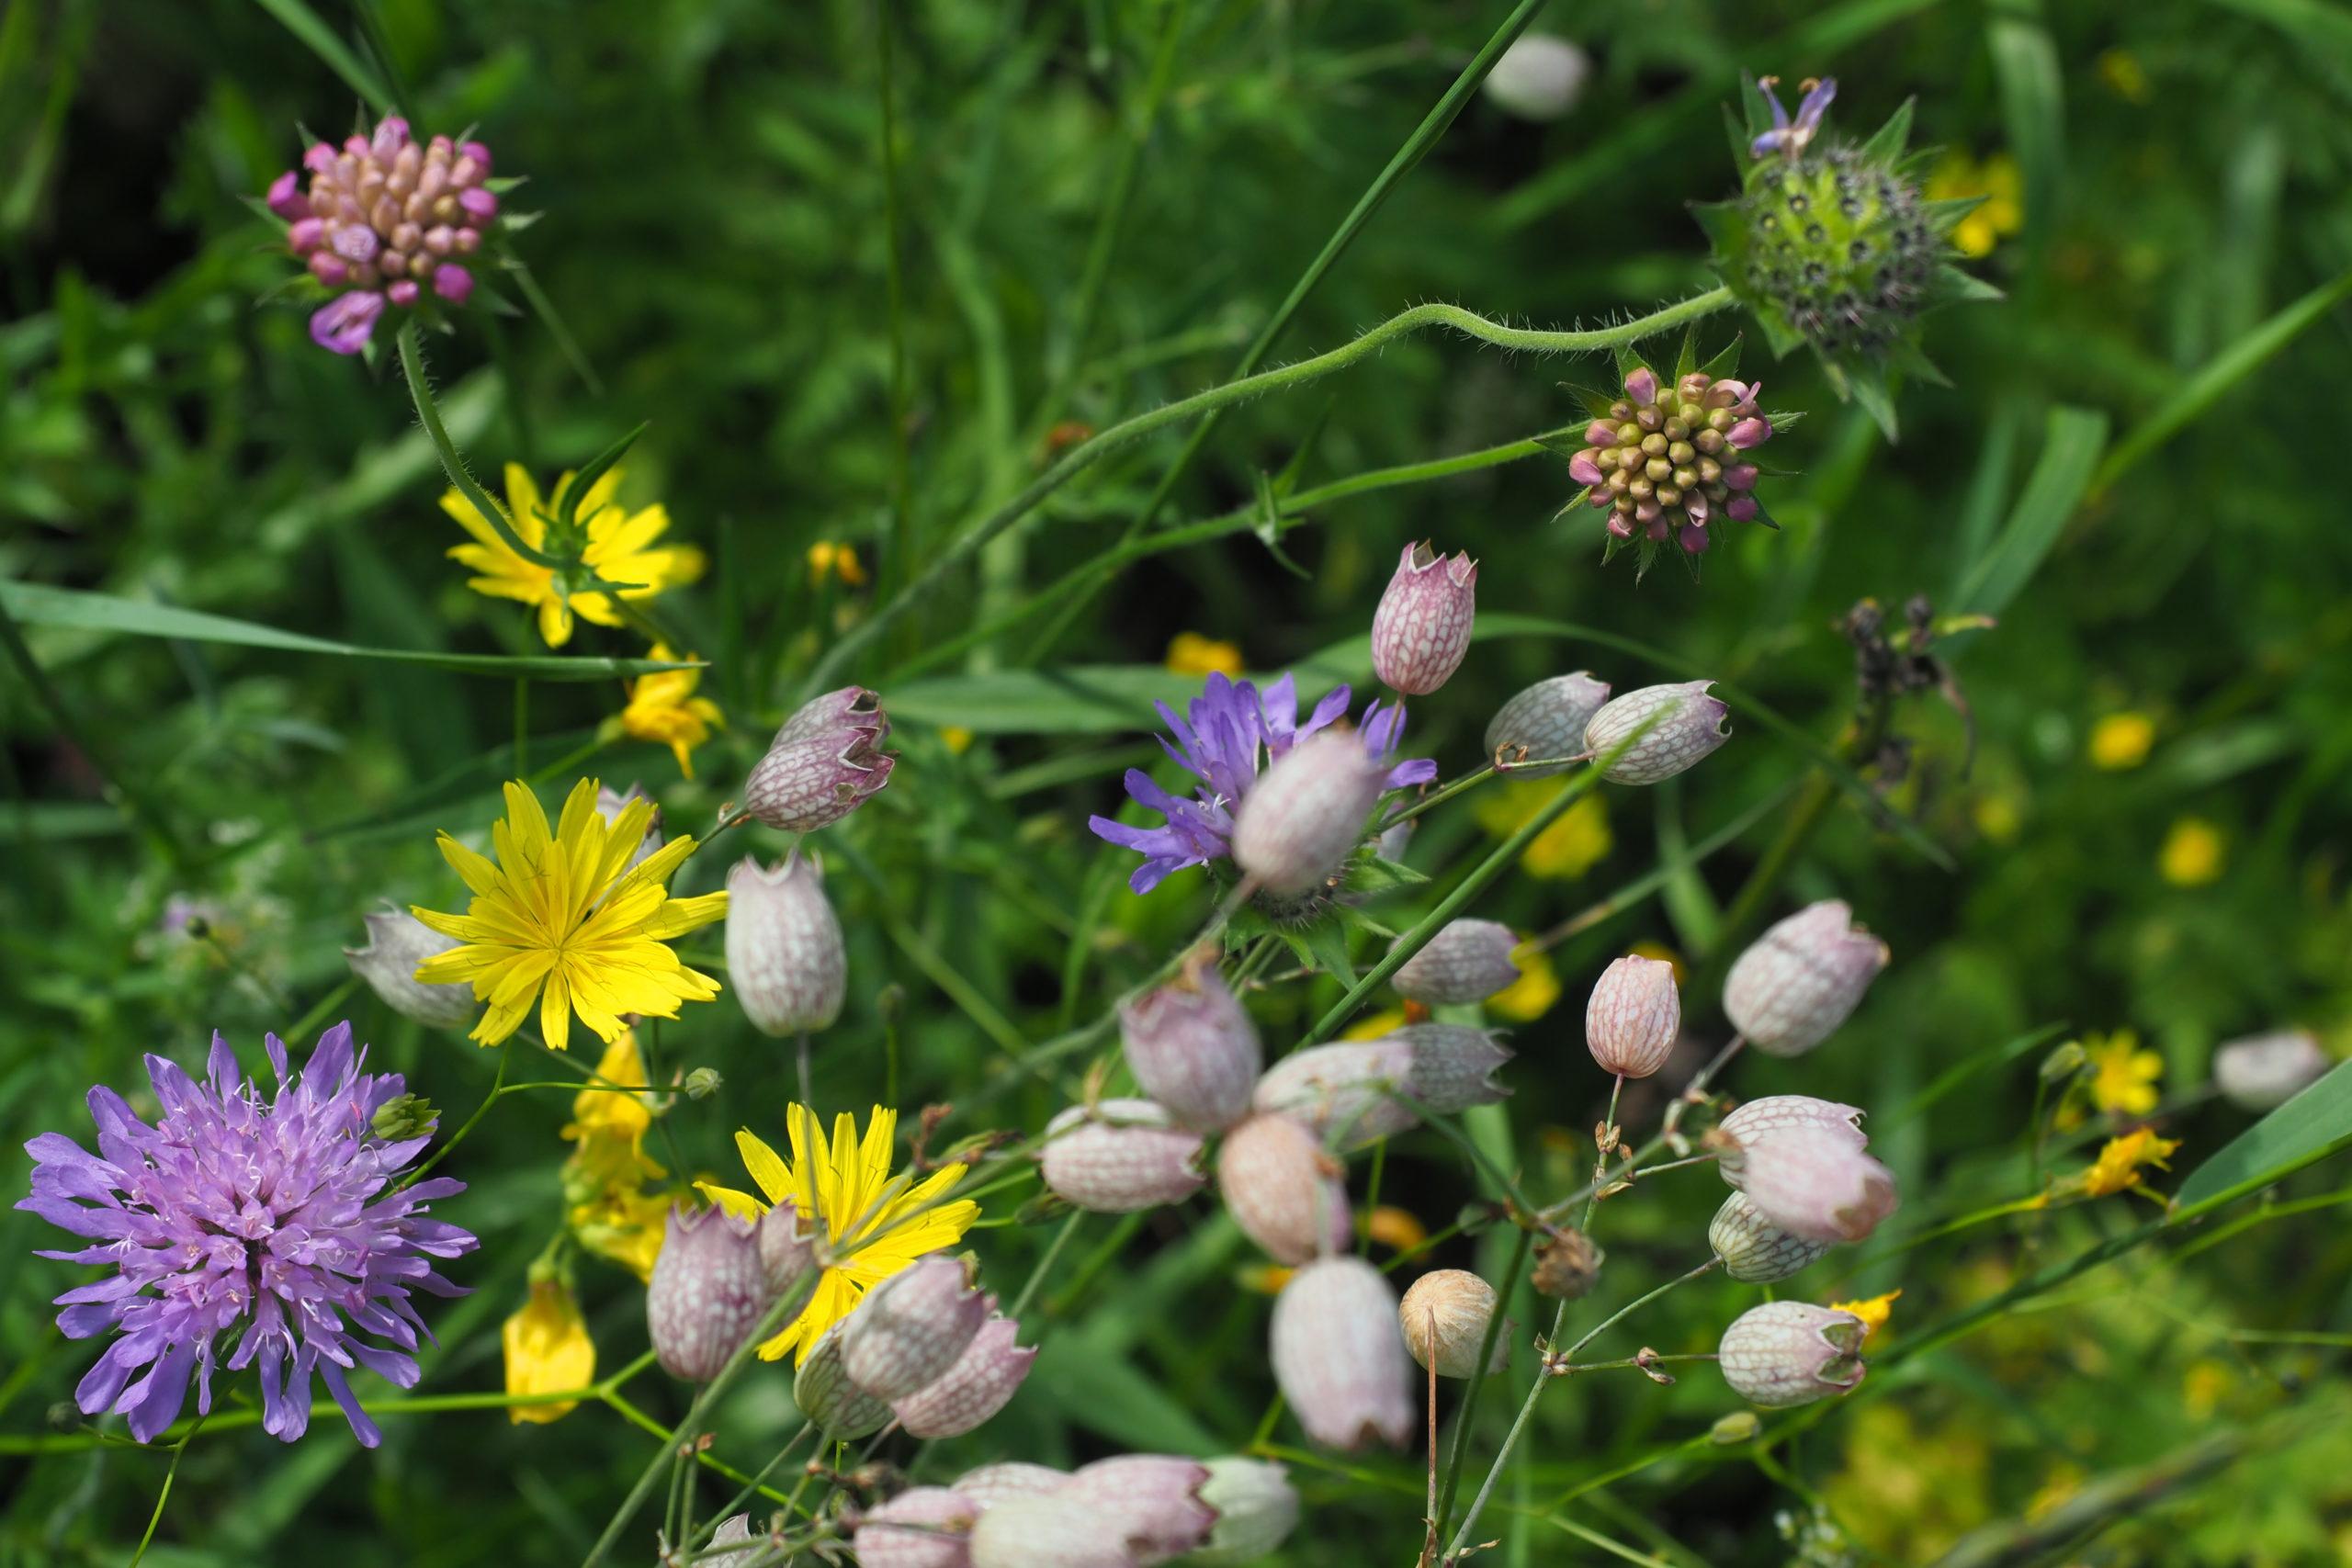 Ouverture des inscriptions à la formation plantes sauvages de septembre 2020 à Grenoble!